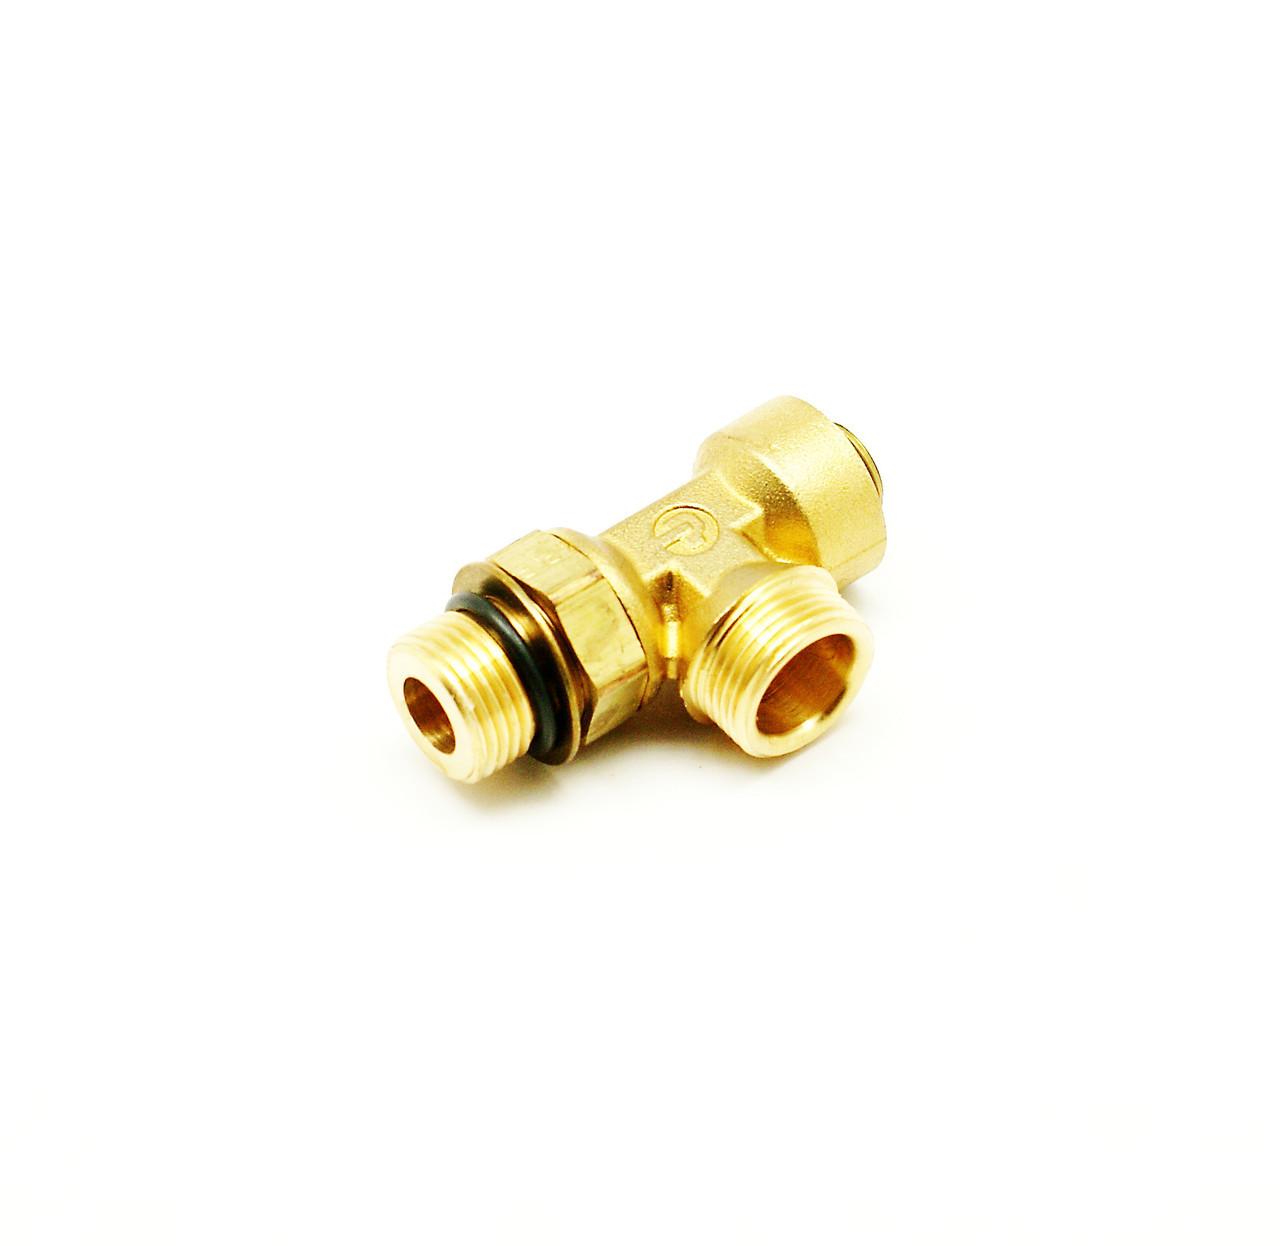 Адаптер-тройник охлаждения компрессора в сборе Cummins ISL9, QSL 3975240, 3975259